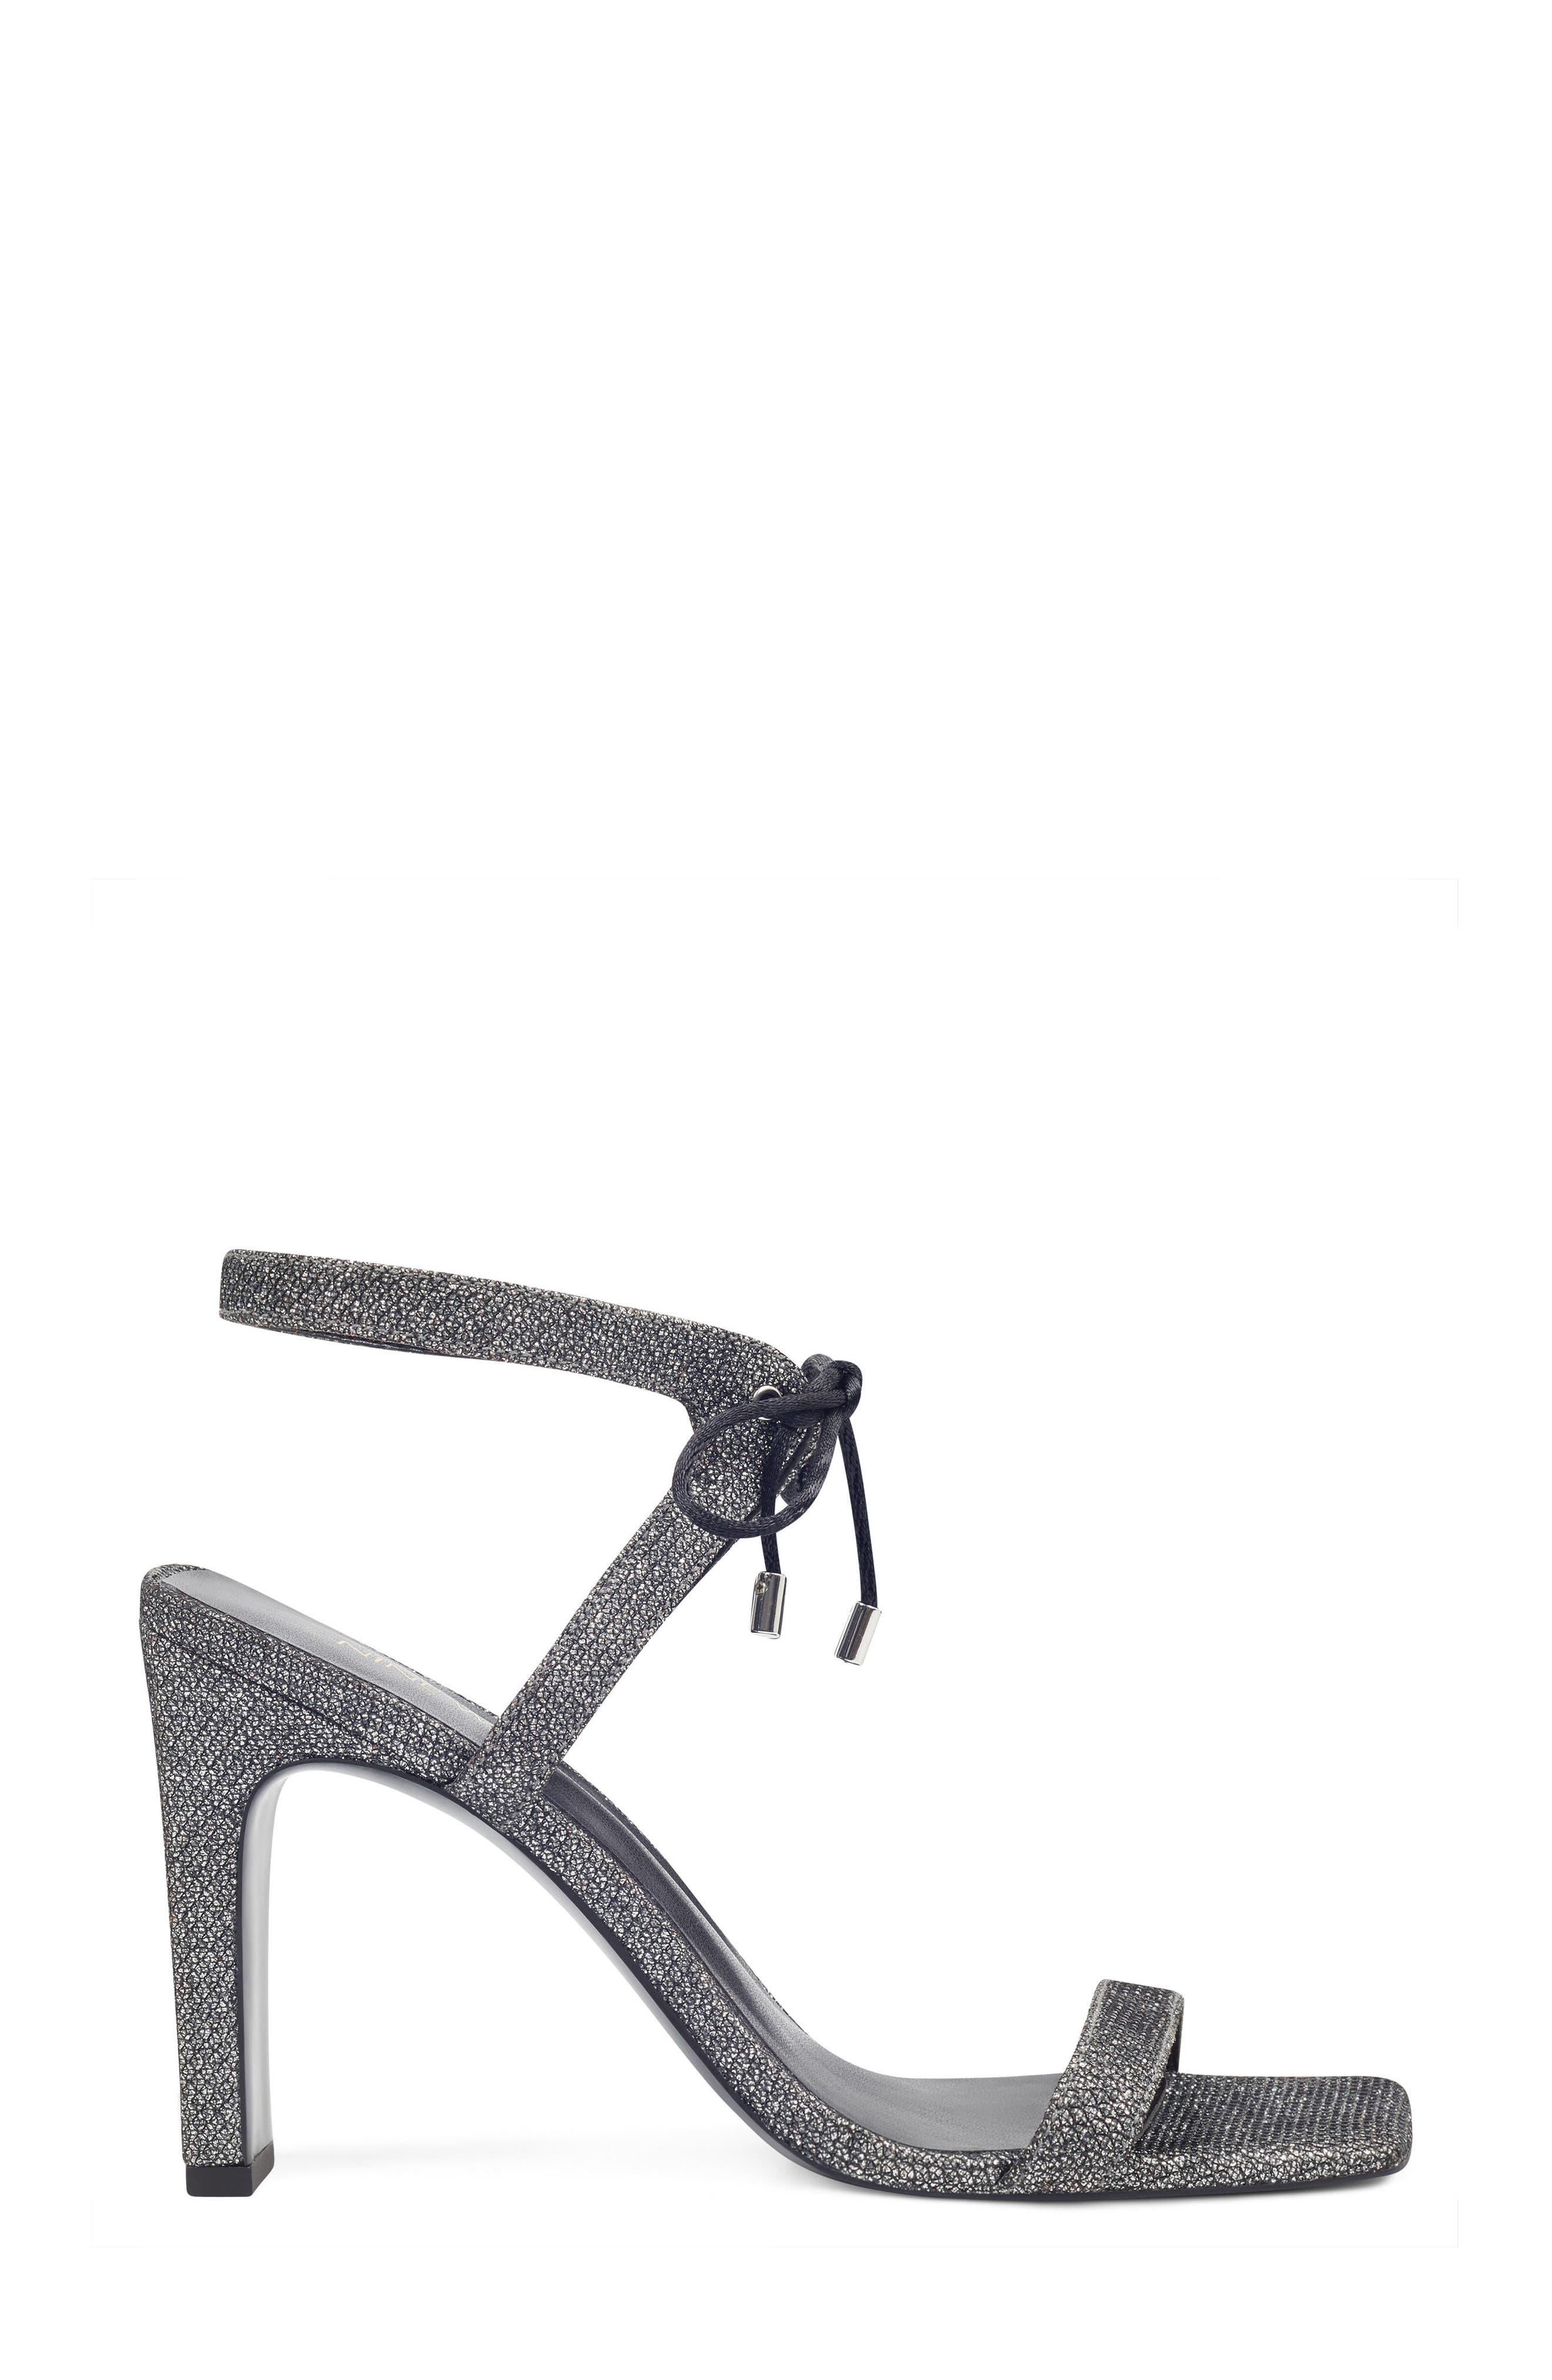 Longitano Squared Toe Sandal,                             Alternate thumbnail 3, color,                             Black/ Silver Fabric